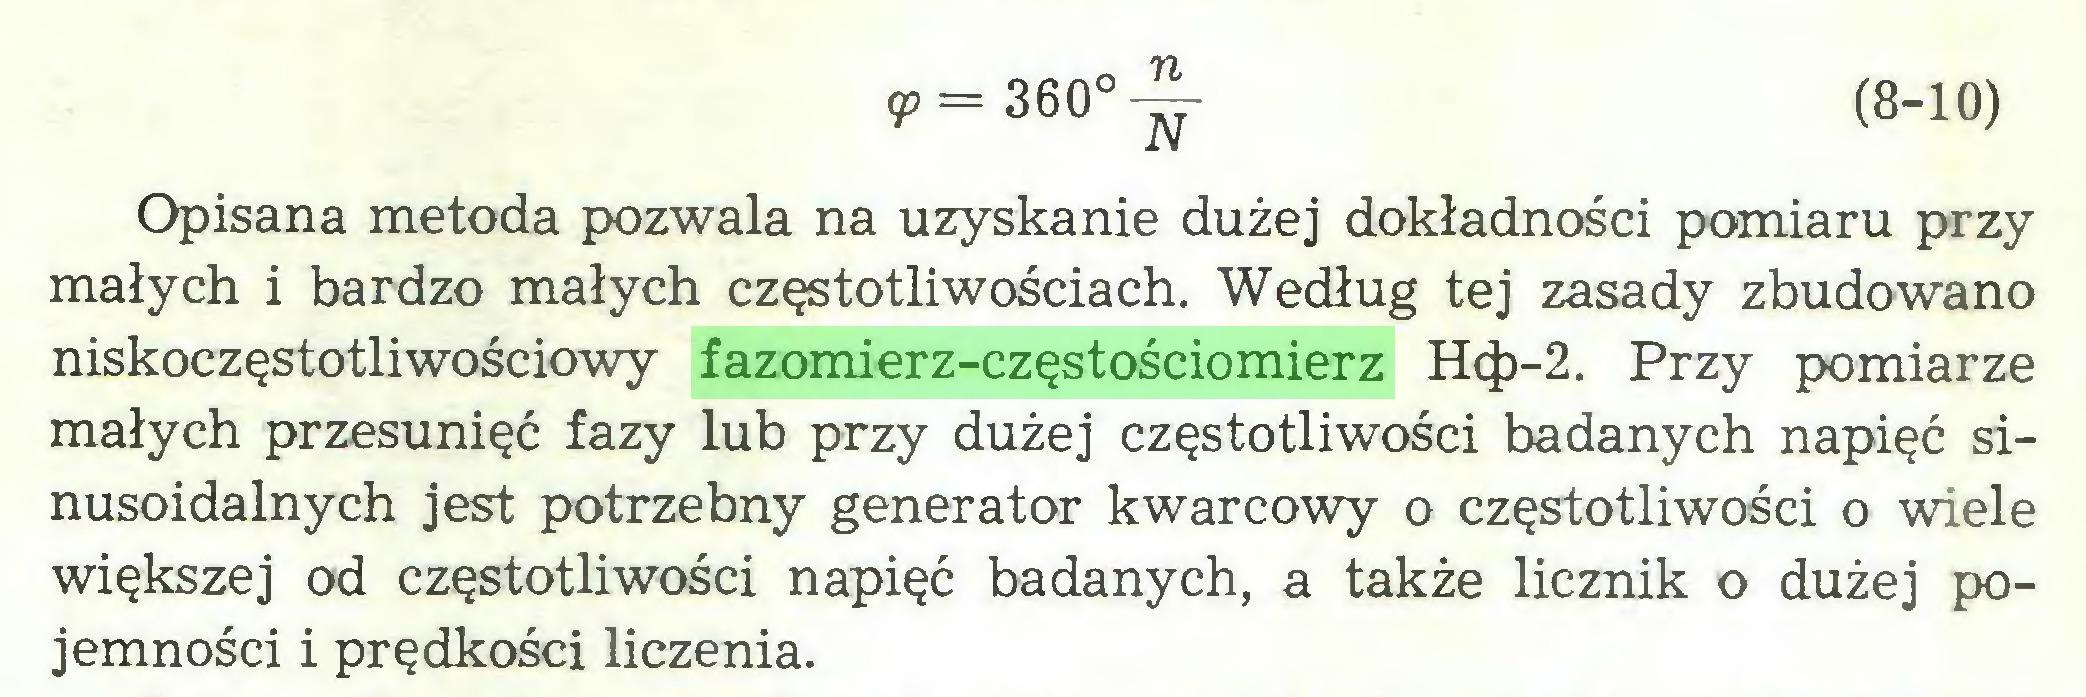 (...) <P= 360°-^- (8-10) Opisana metoda pozwala na uzyskanie dużej dokładności pomiaru przy małych i bardzo małych częstotliwościach. Według tej zasady zbudowano niskoczęstotliwościowy fazomierz-częstościomierz Hc|)-2. Przy pomiarze małych przesunięć fazy lub przy dużej częstotliwości badanych napięć sinusoidalnych jest potrzebny generator kwarcowy o częstotliwości o wiele większej od częstotliwości napięć badanych, a także licznik o dużej pojemności i prędkości liczenia...